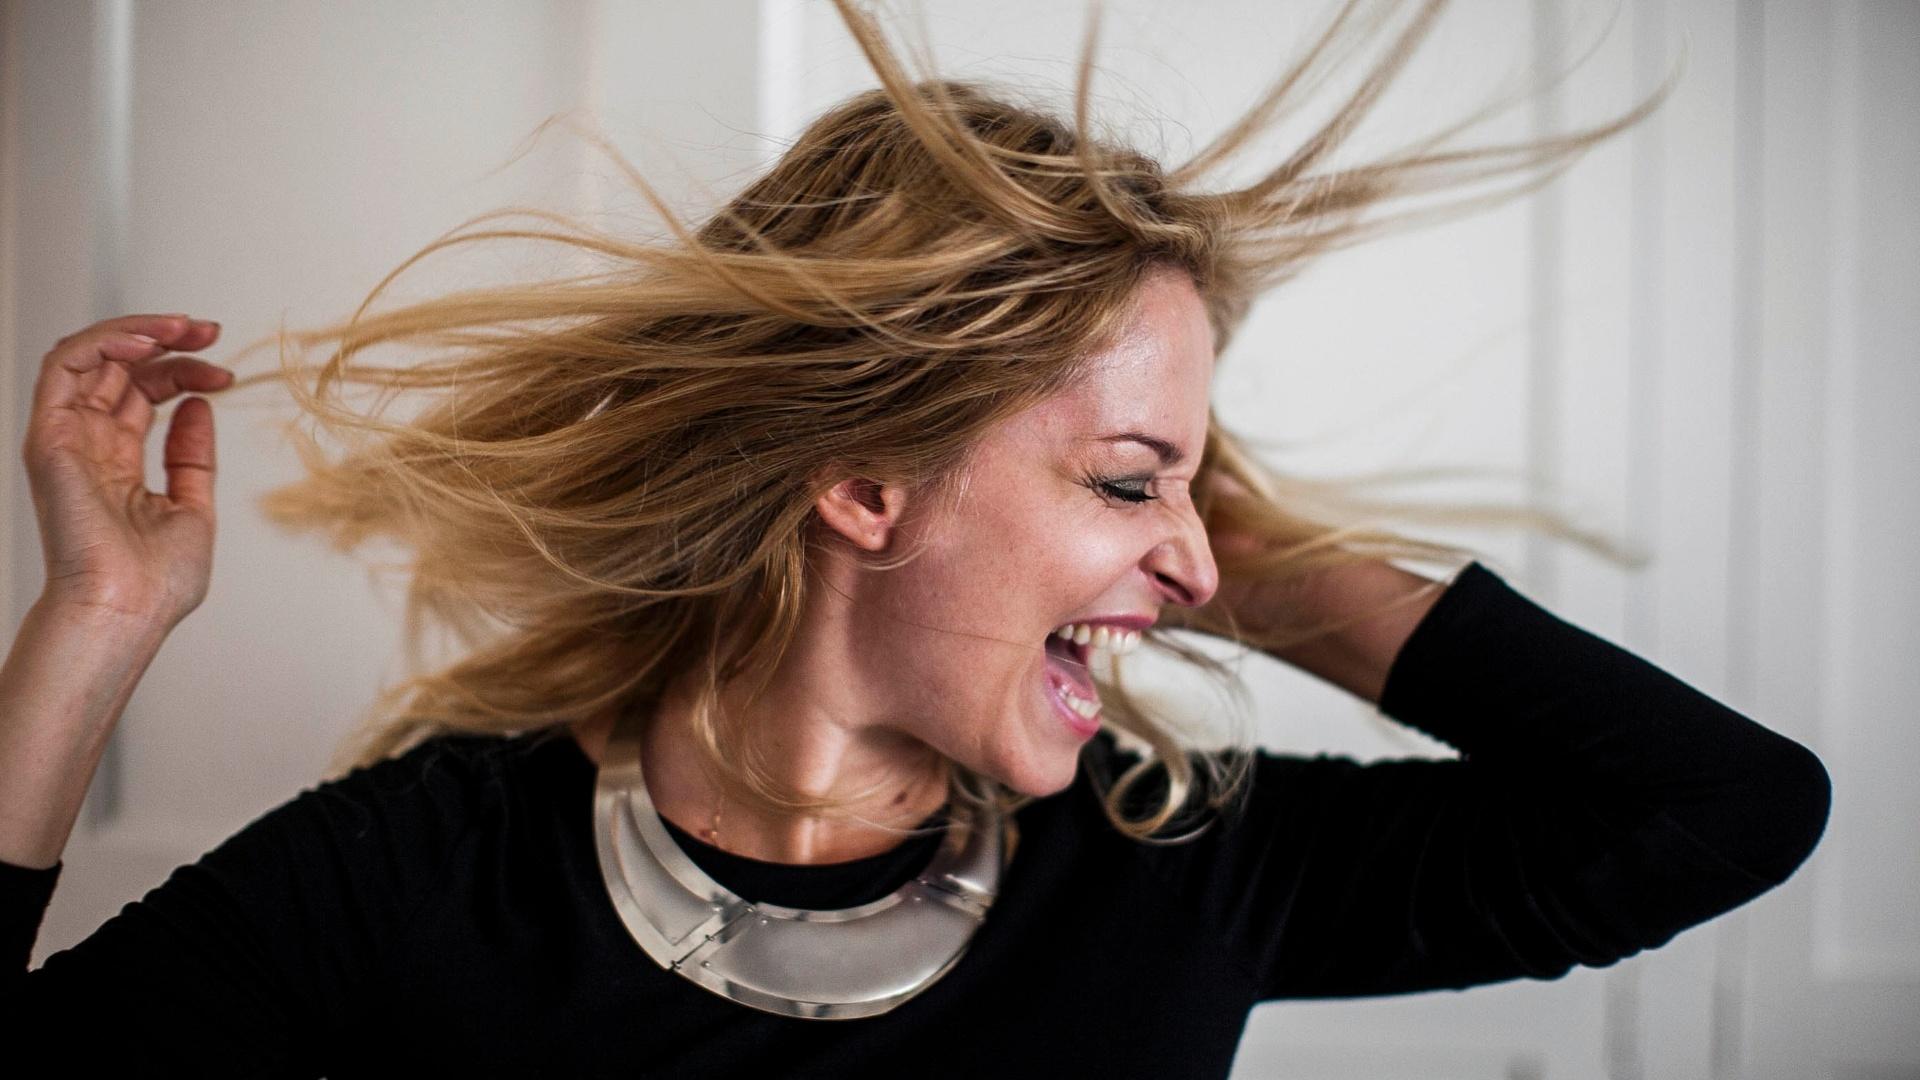 A atriz Luciana Vendramini durante sessão de fotos em sua produtora em Pinheiros (07/12/2012)